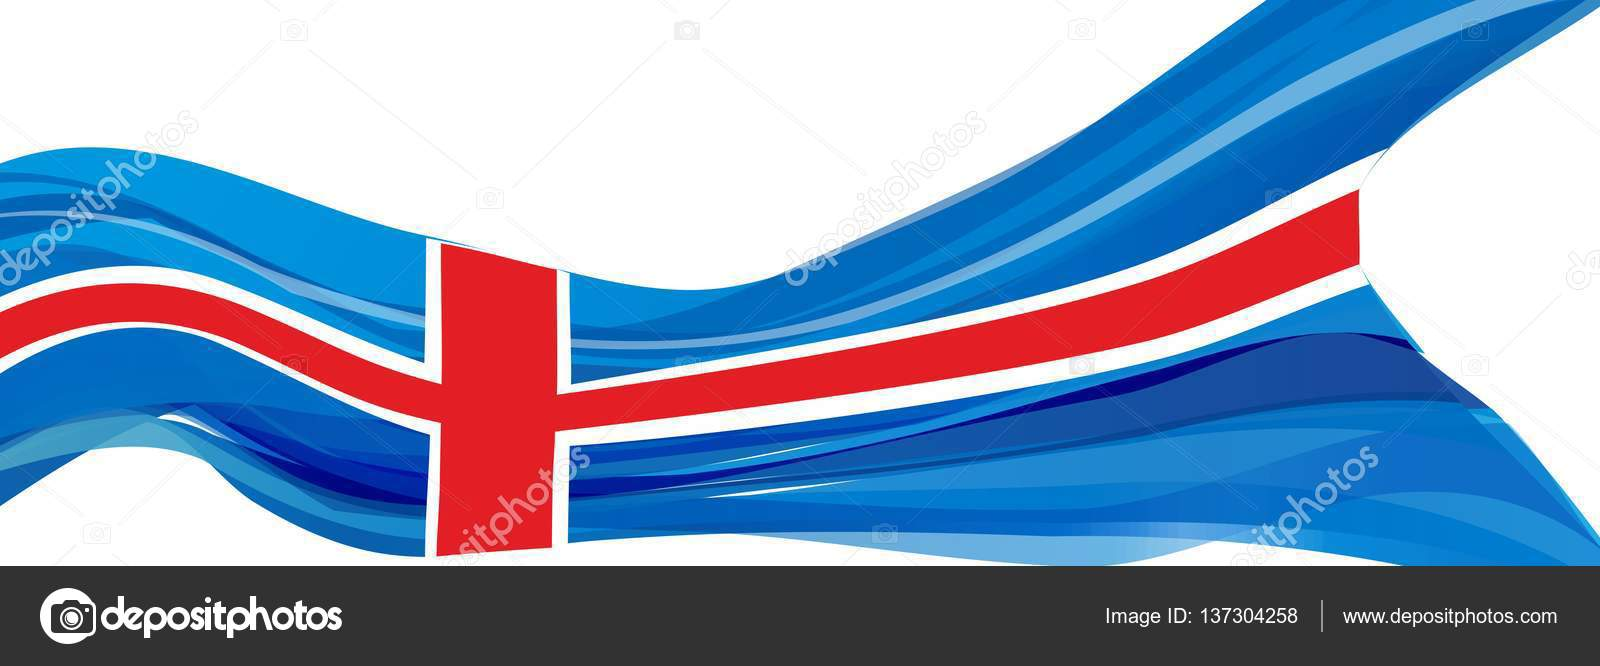 Blu Con Bianco E Croce Rossa Bandiera Della Repubblica Dislanda